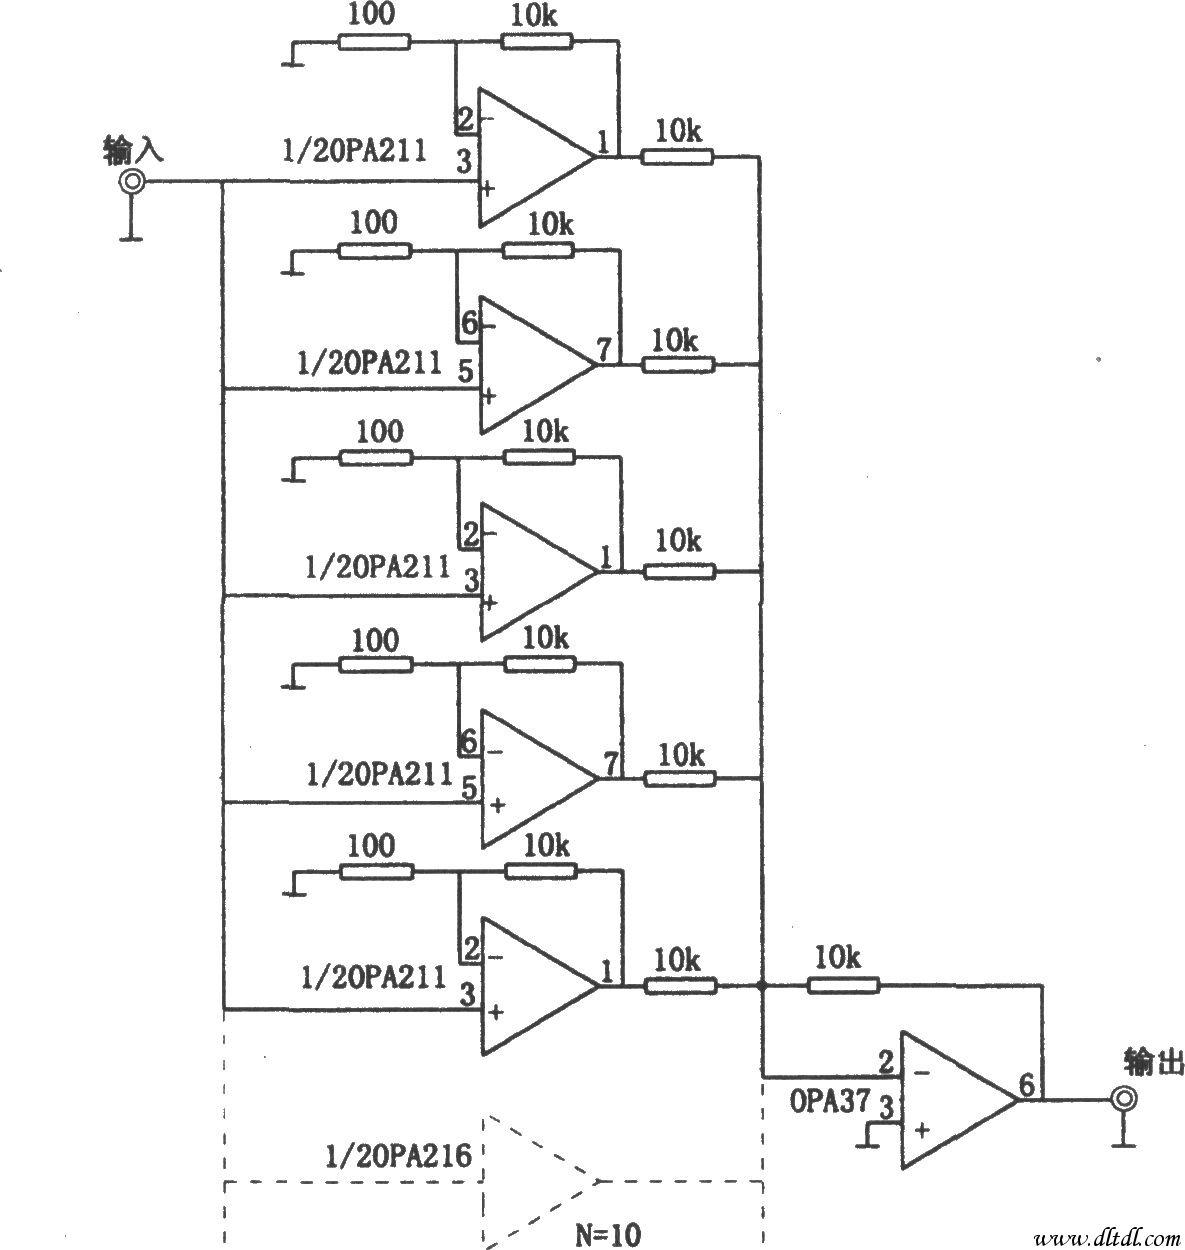 放大器的输入级采用多级并联可以提高放大电路的信噪比,这是因为输入信号电压经多级并联放大电路放大,再经第二级放大器求和后,可使总输出电压提高数倍。该倍数等于输入级的并联级数。若输入级为n级并联输入,则信号输出电压将提高规倍,而放大器的噪声电压